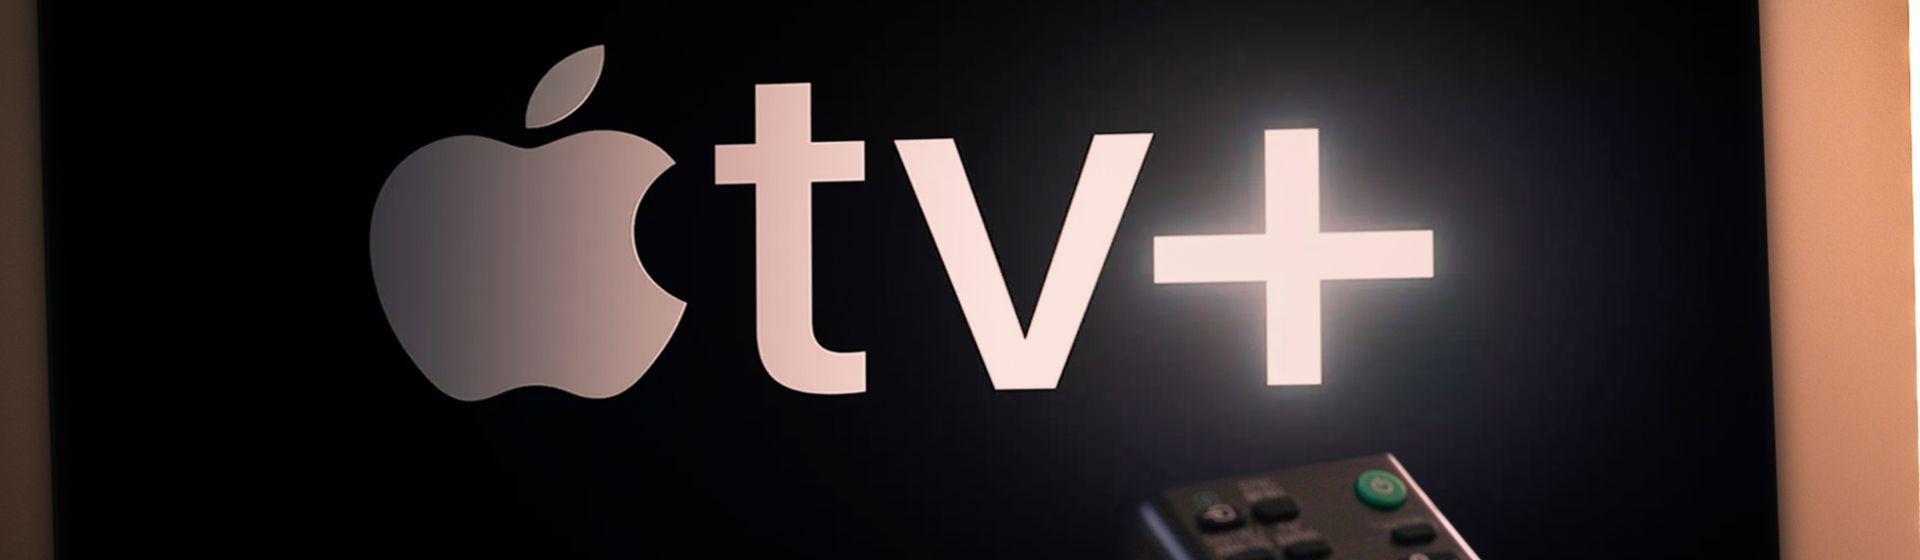 Apple TV+ estará disponível no novo Chromecast em 2021